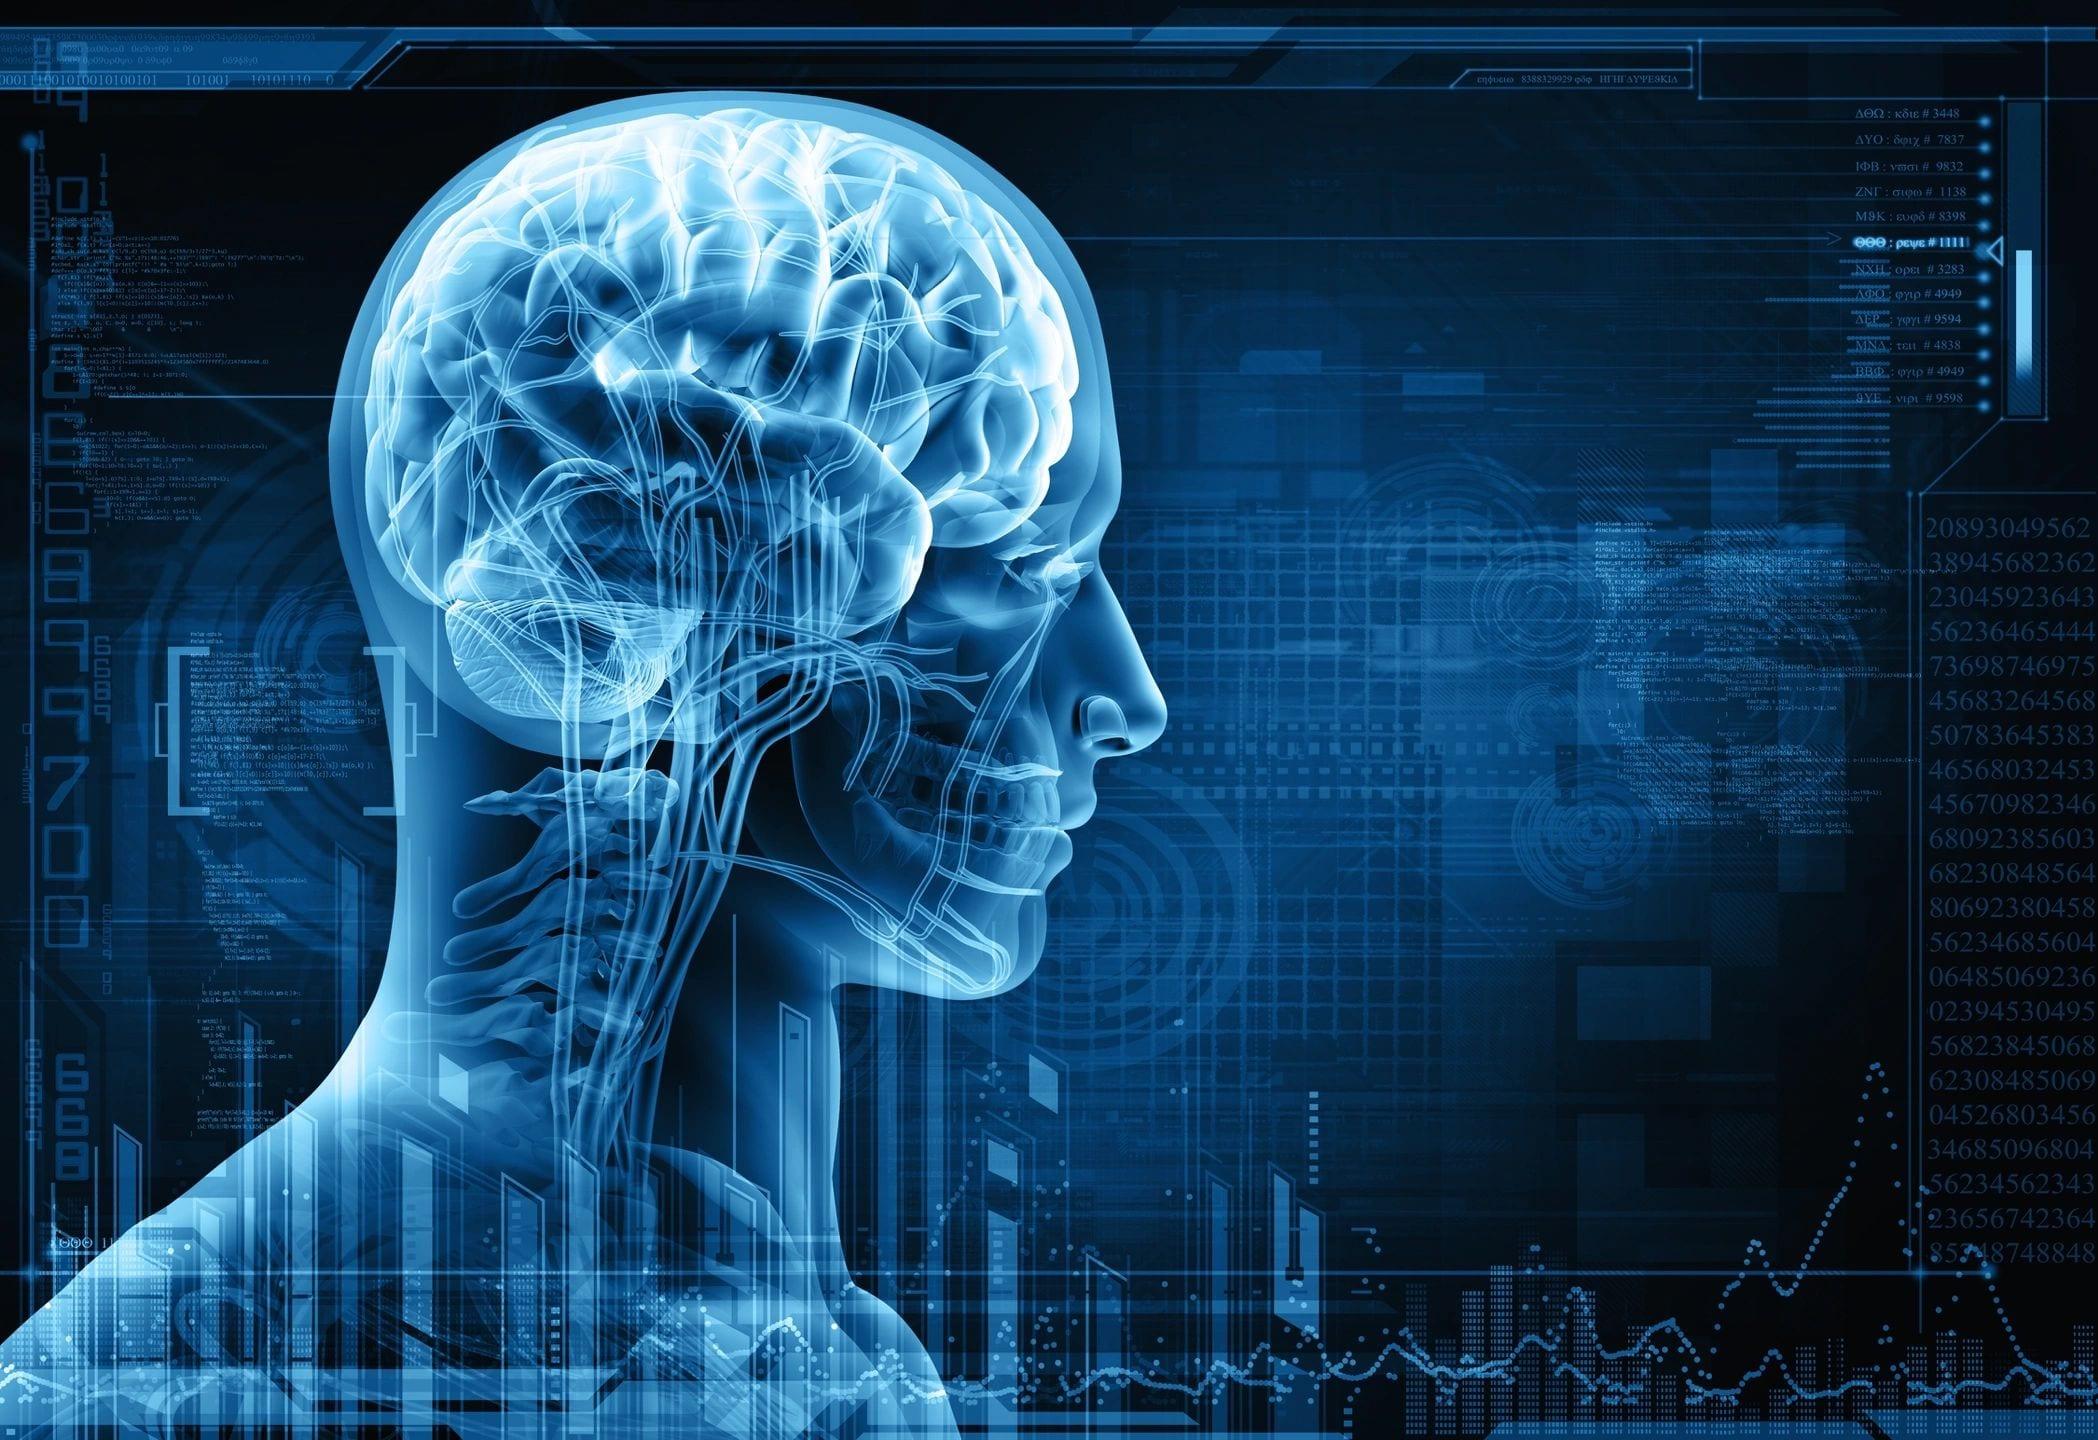 brain xray type graphic